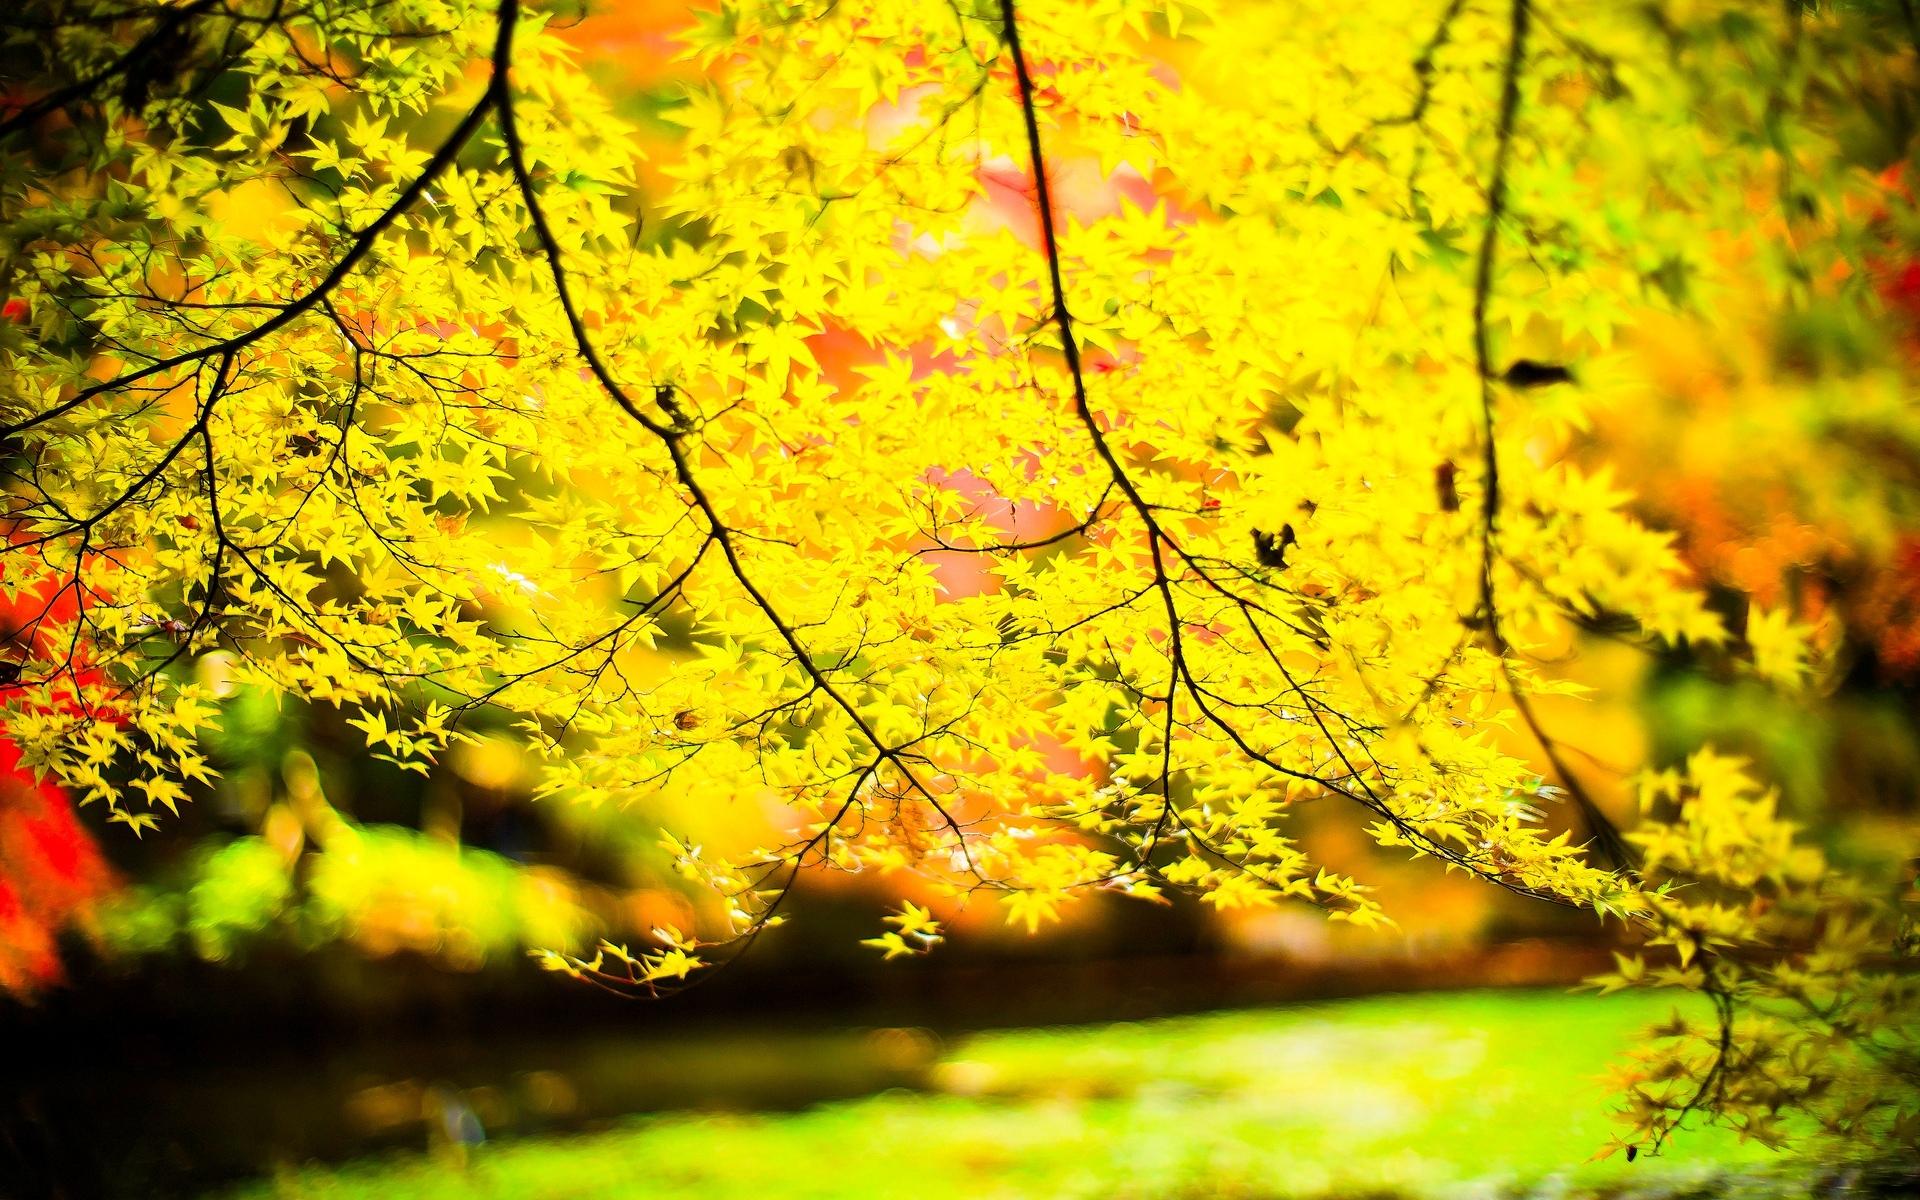 деревья листва осень солнце  № 3191719 бесплатно